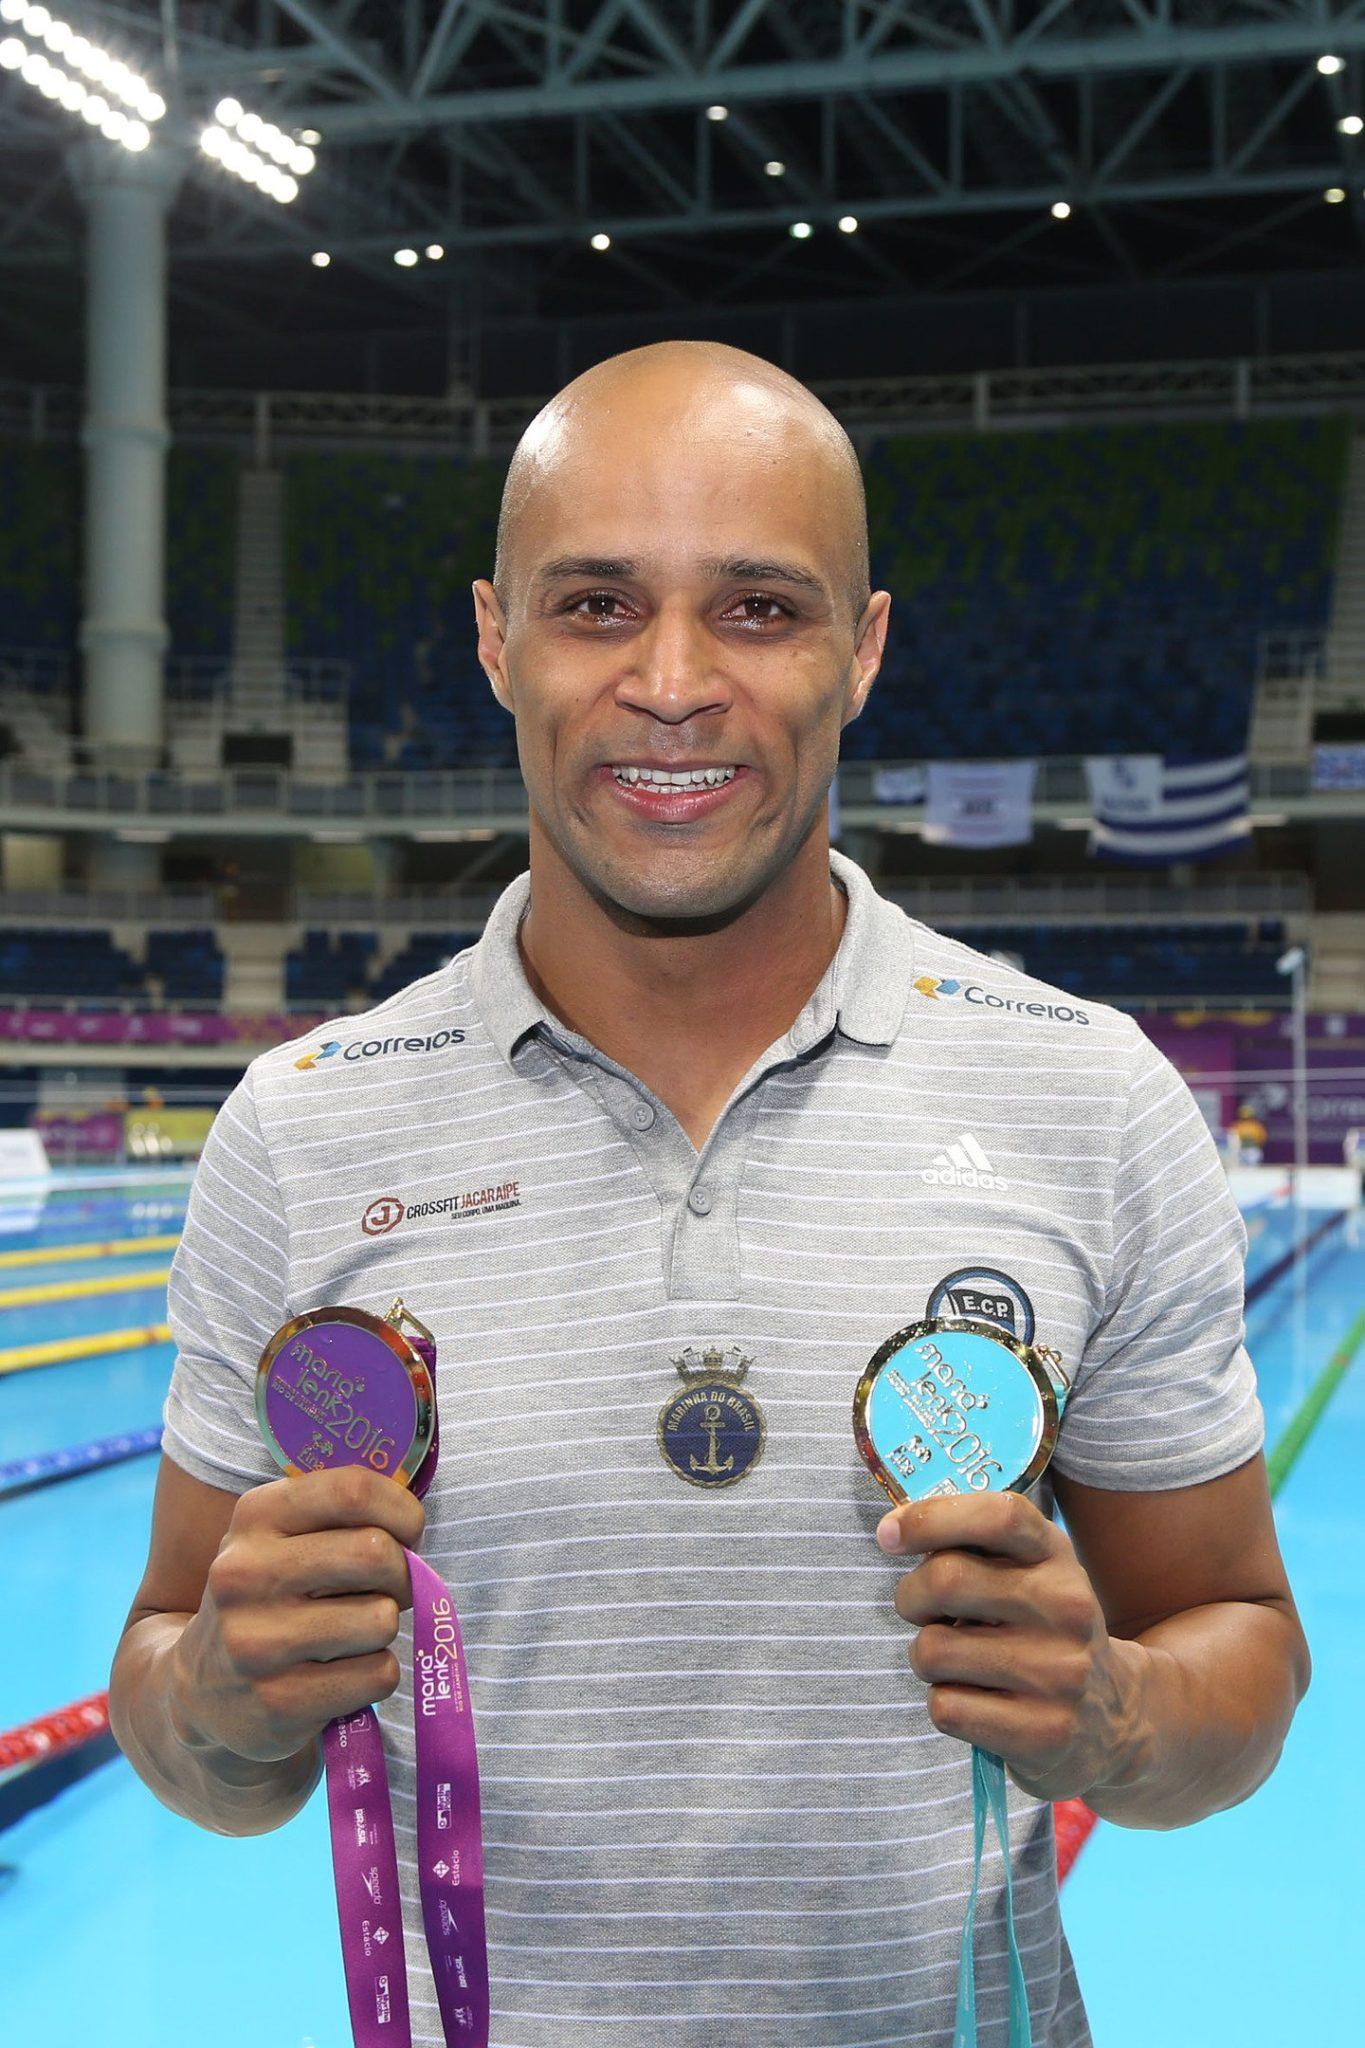 Trofeu Maria Lenk de Natacao, realizado no Centro Aquatico Olimpico. 15 de abril de 2016, Rio de Janeiro, RJ, Brasil. Foto: Ricardo Sodré/ SSPress